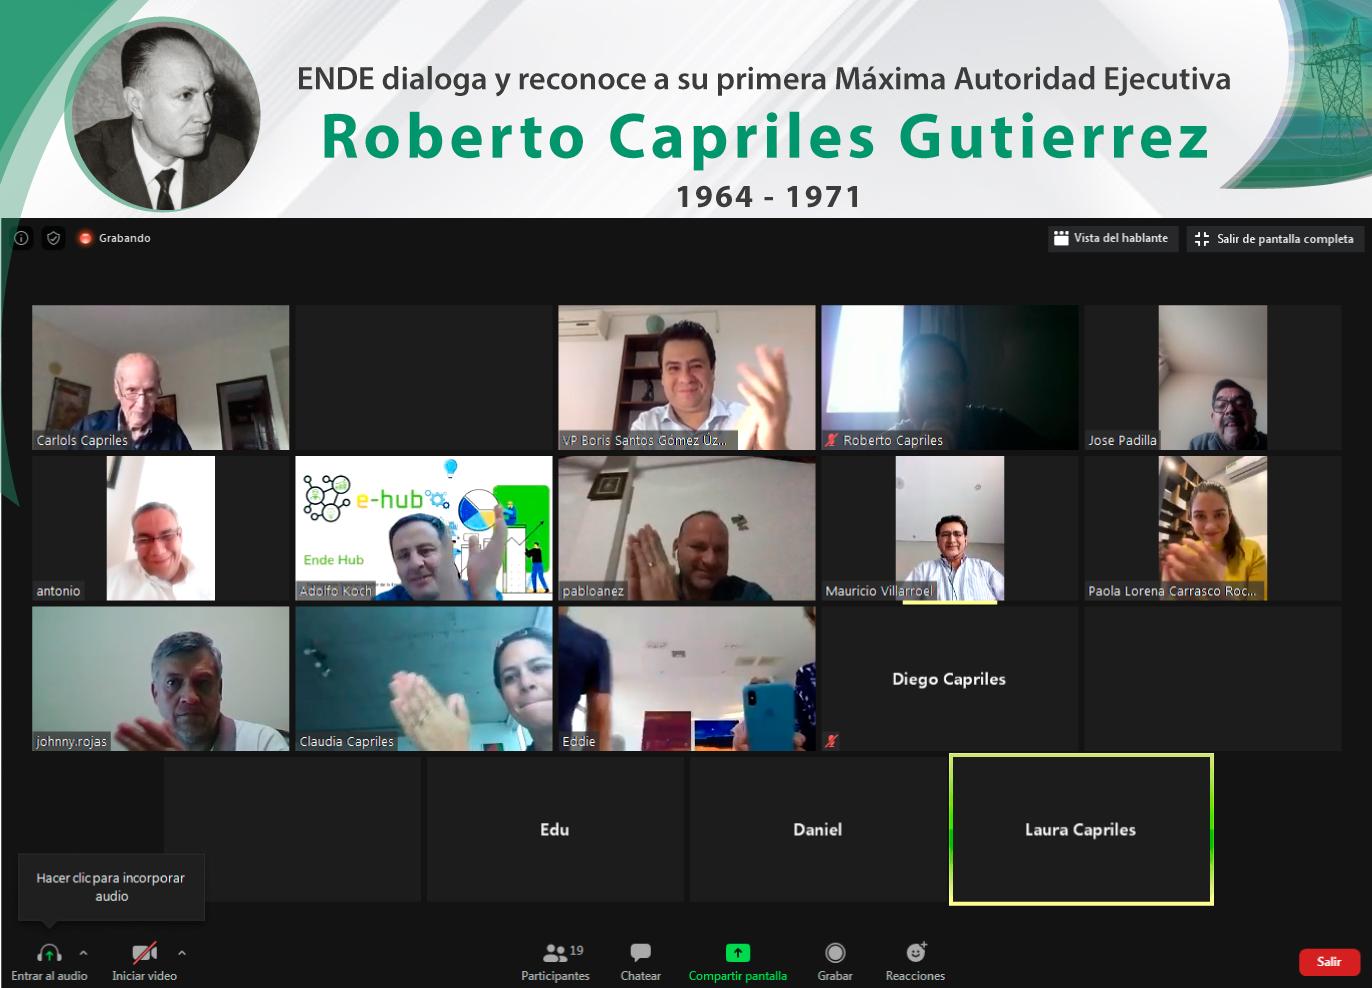 ENDE Corporación otorgó un reconocimiento especial a su primera máxima autoridad ejecutiva, Roberto Capriles Gutiérrez